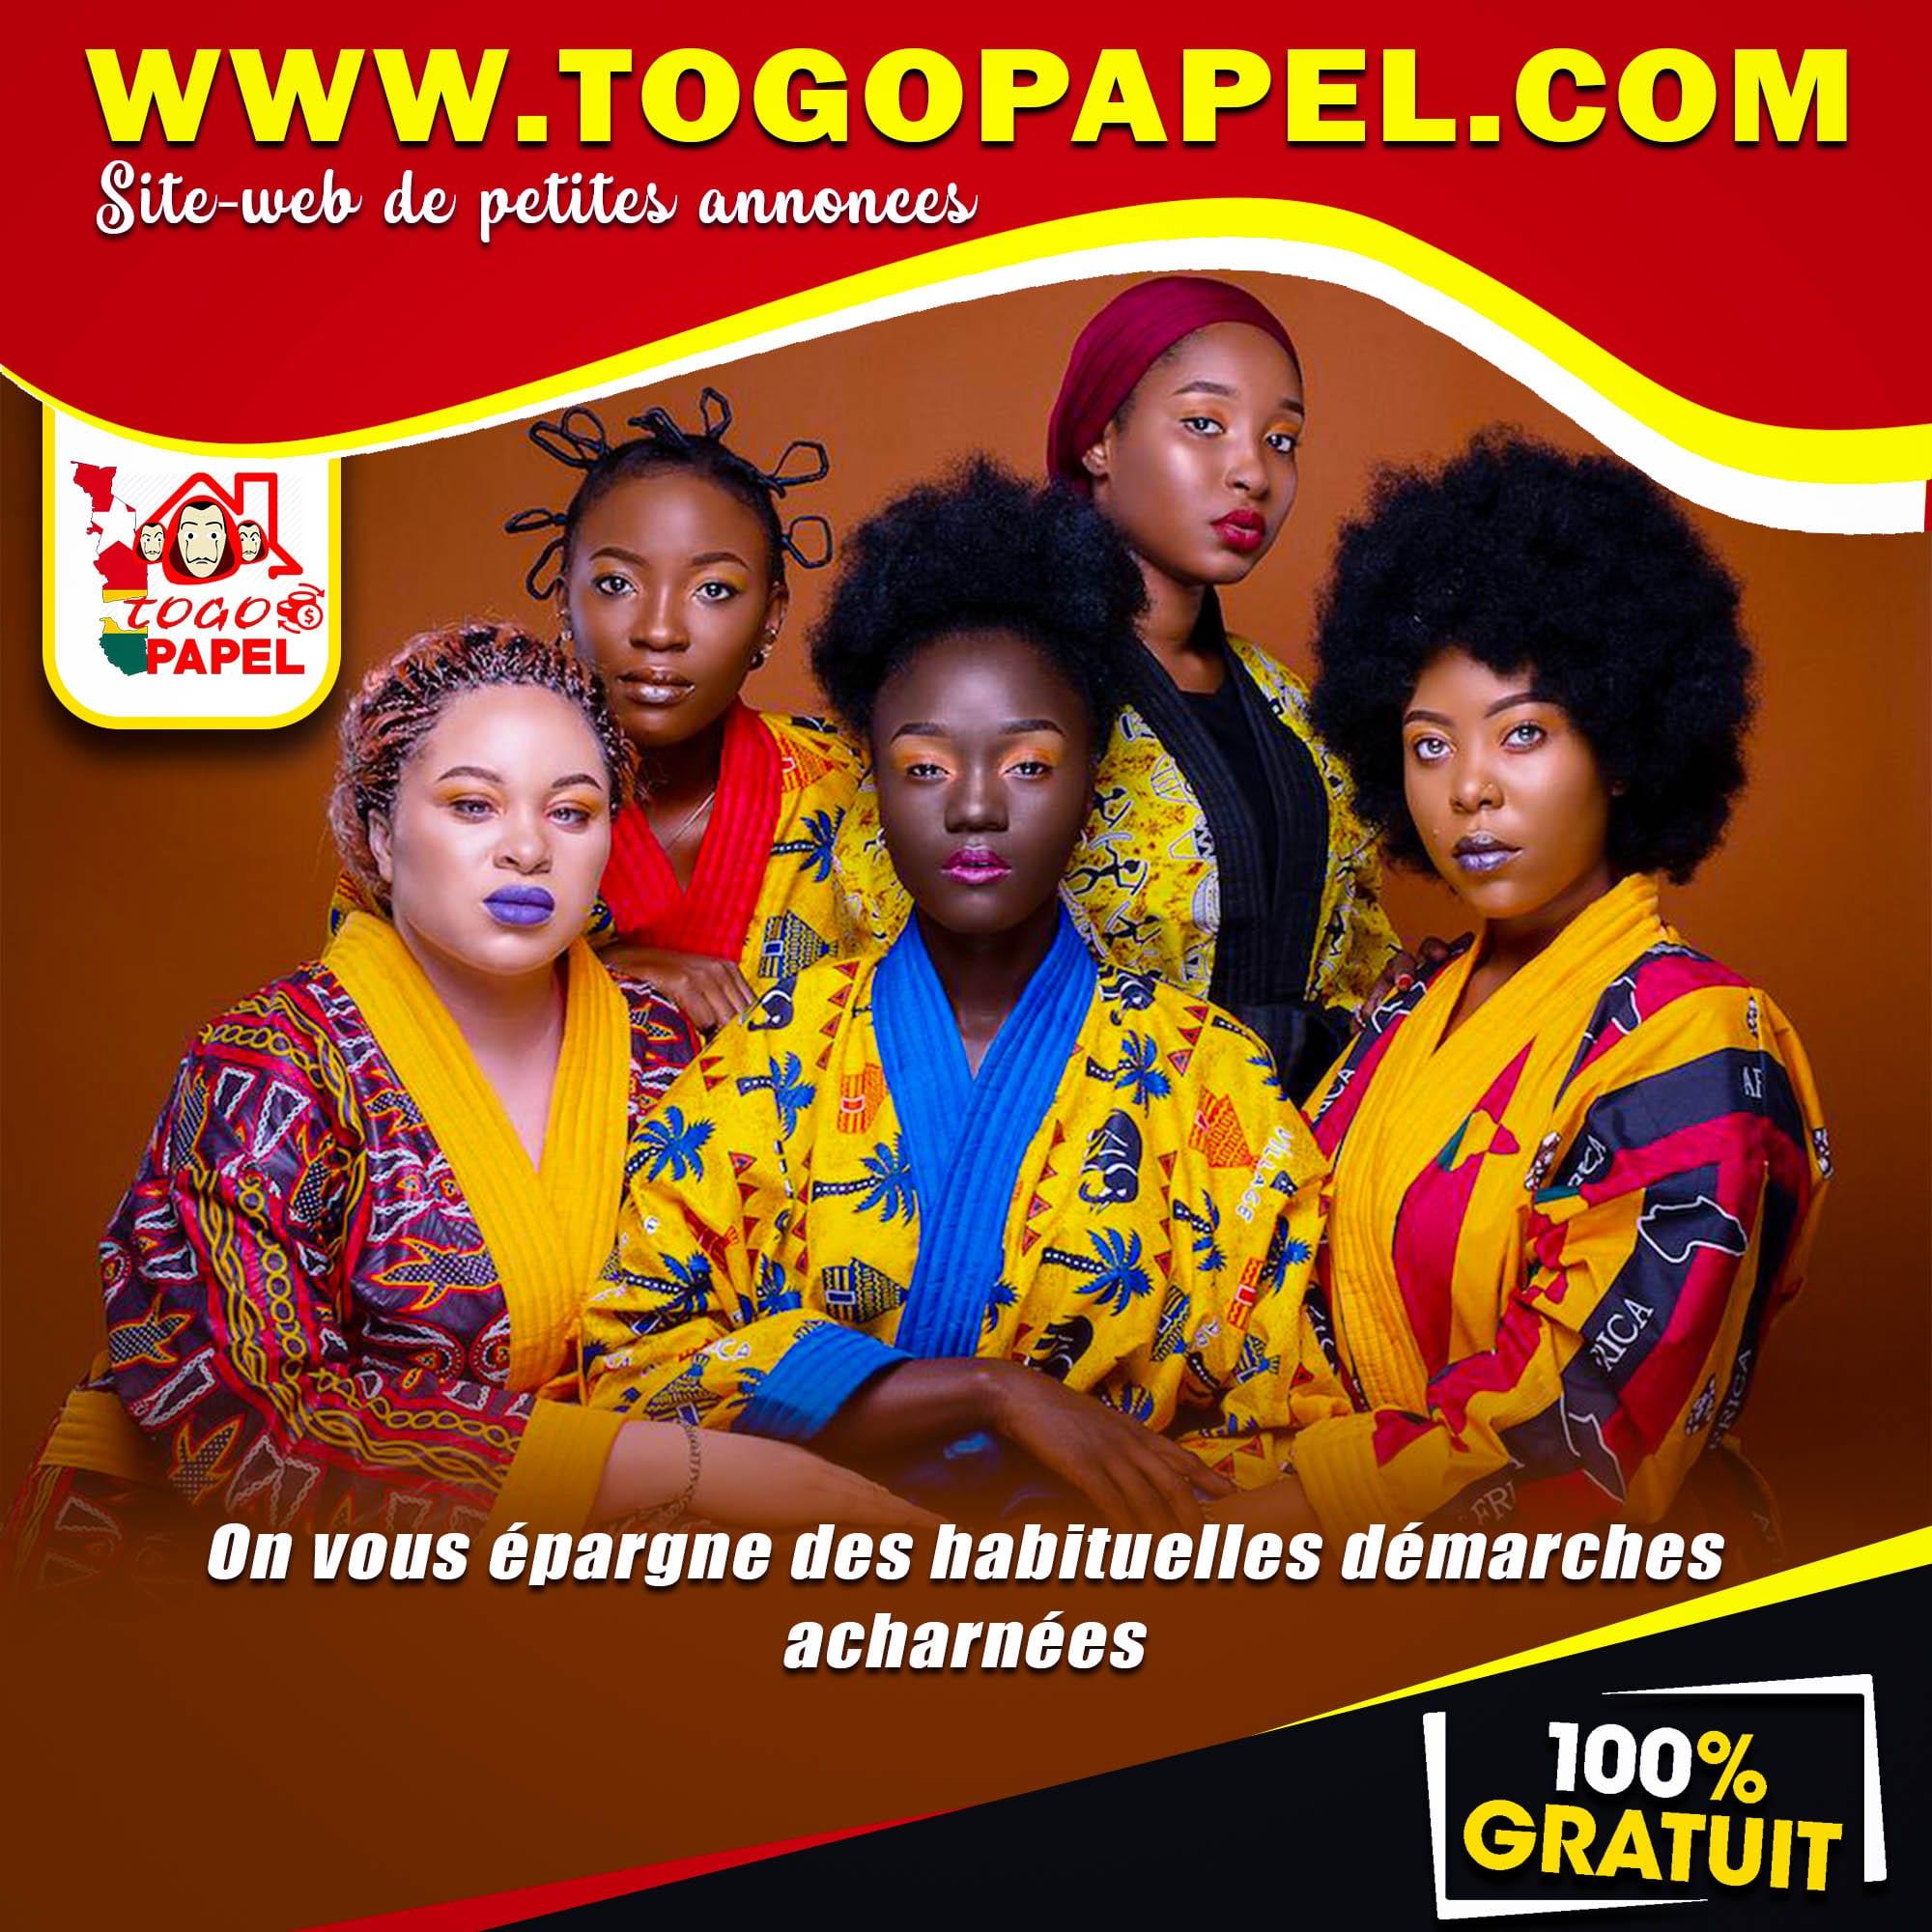 Togo: Comment créer son compte sur Togopapel.com (video)